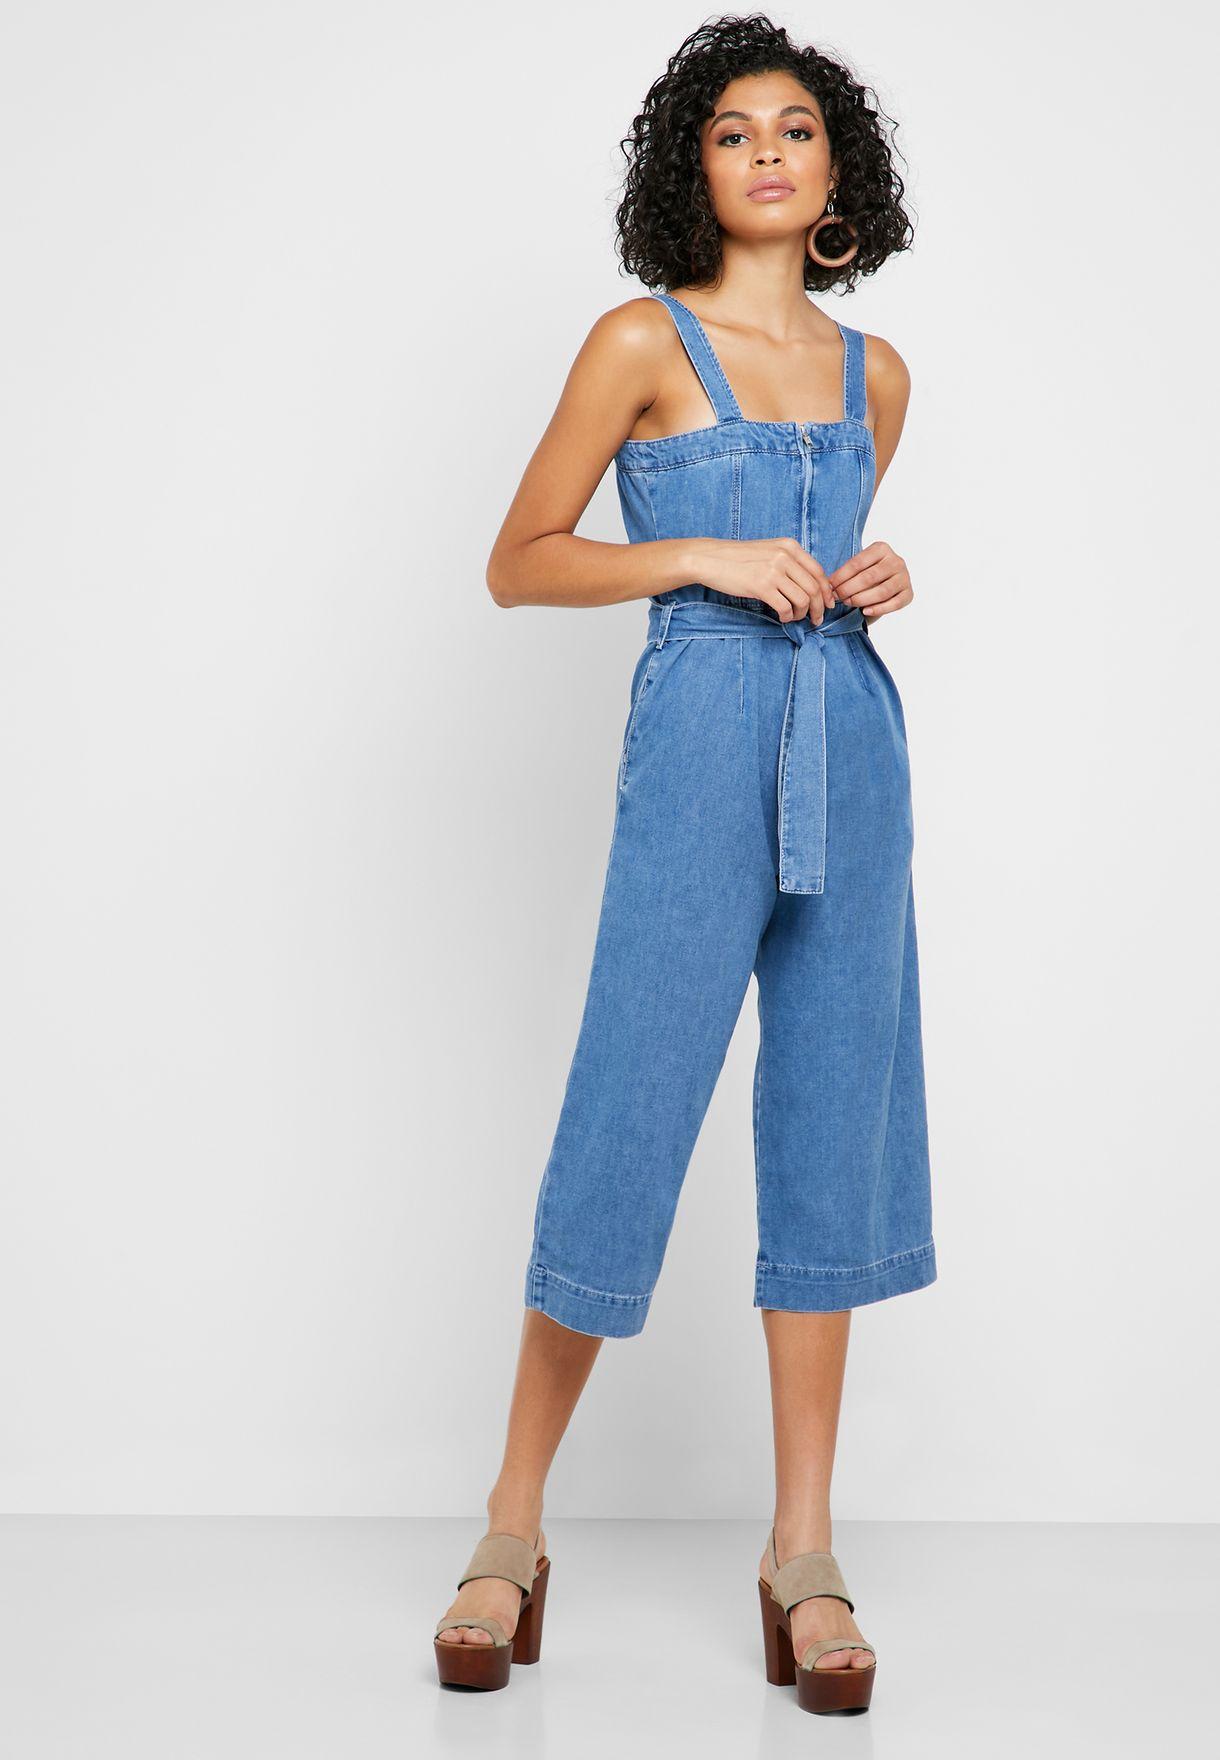 افرول جينز قصير بأربطة وحمالات كتف